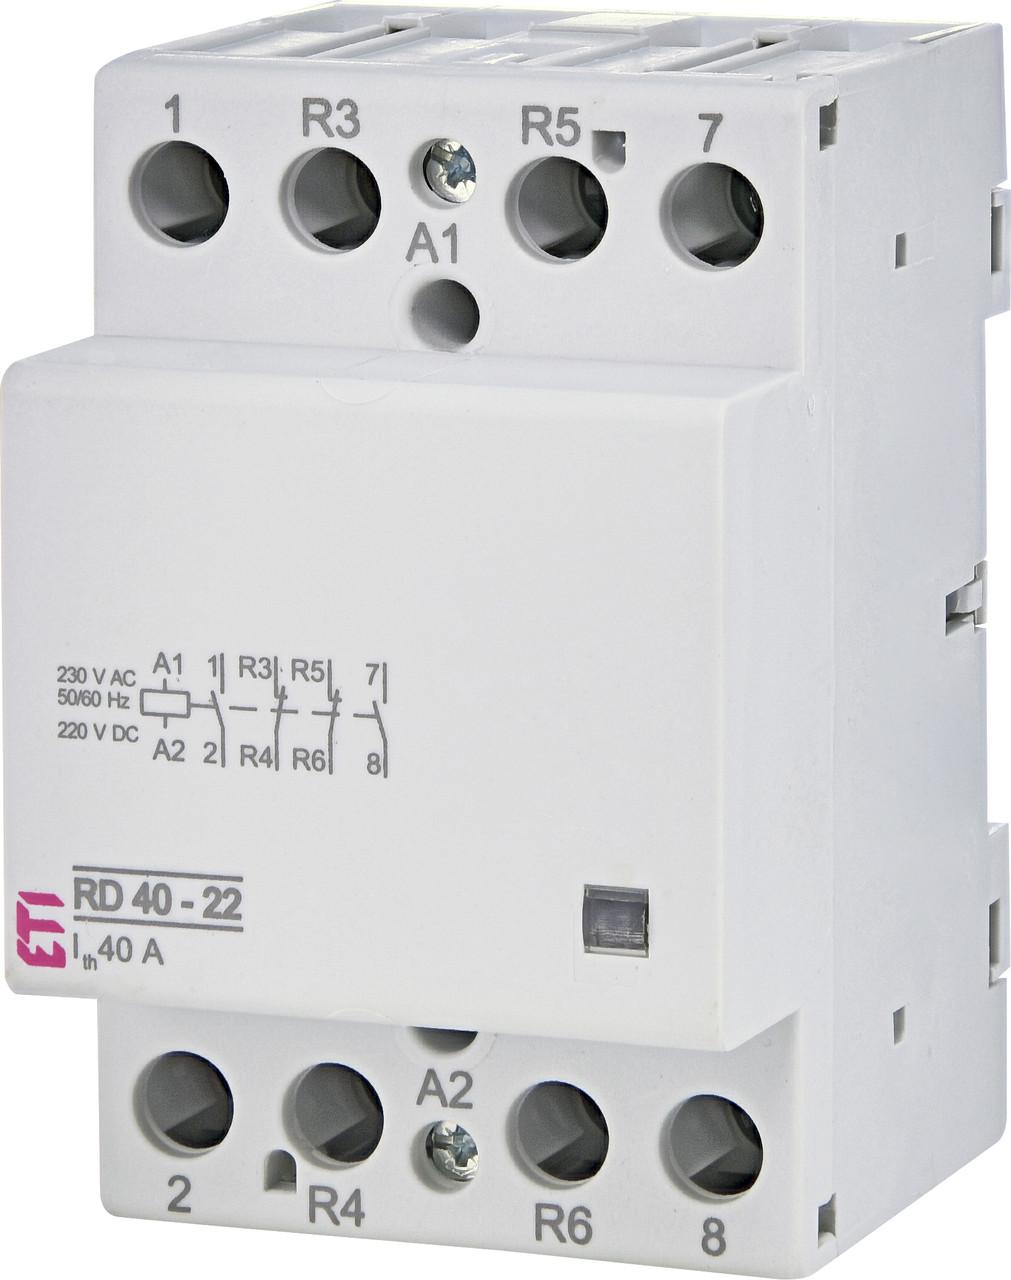 Контактор модульный ETI RD 40-22 40А 230V AC/DC 2NO+2NC 2464022 (модульный, на din-рейку)